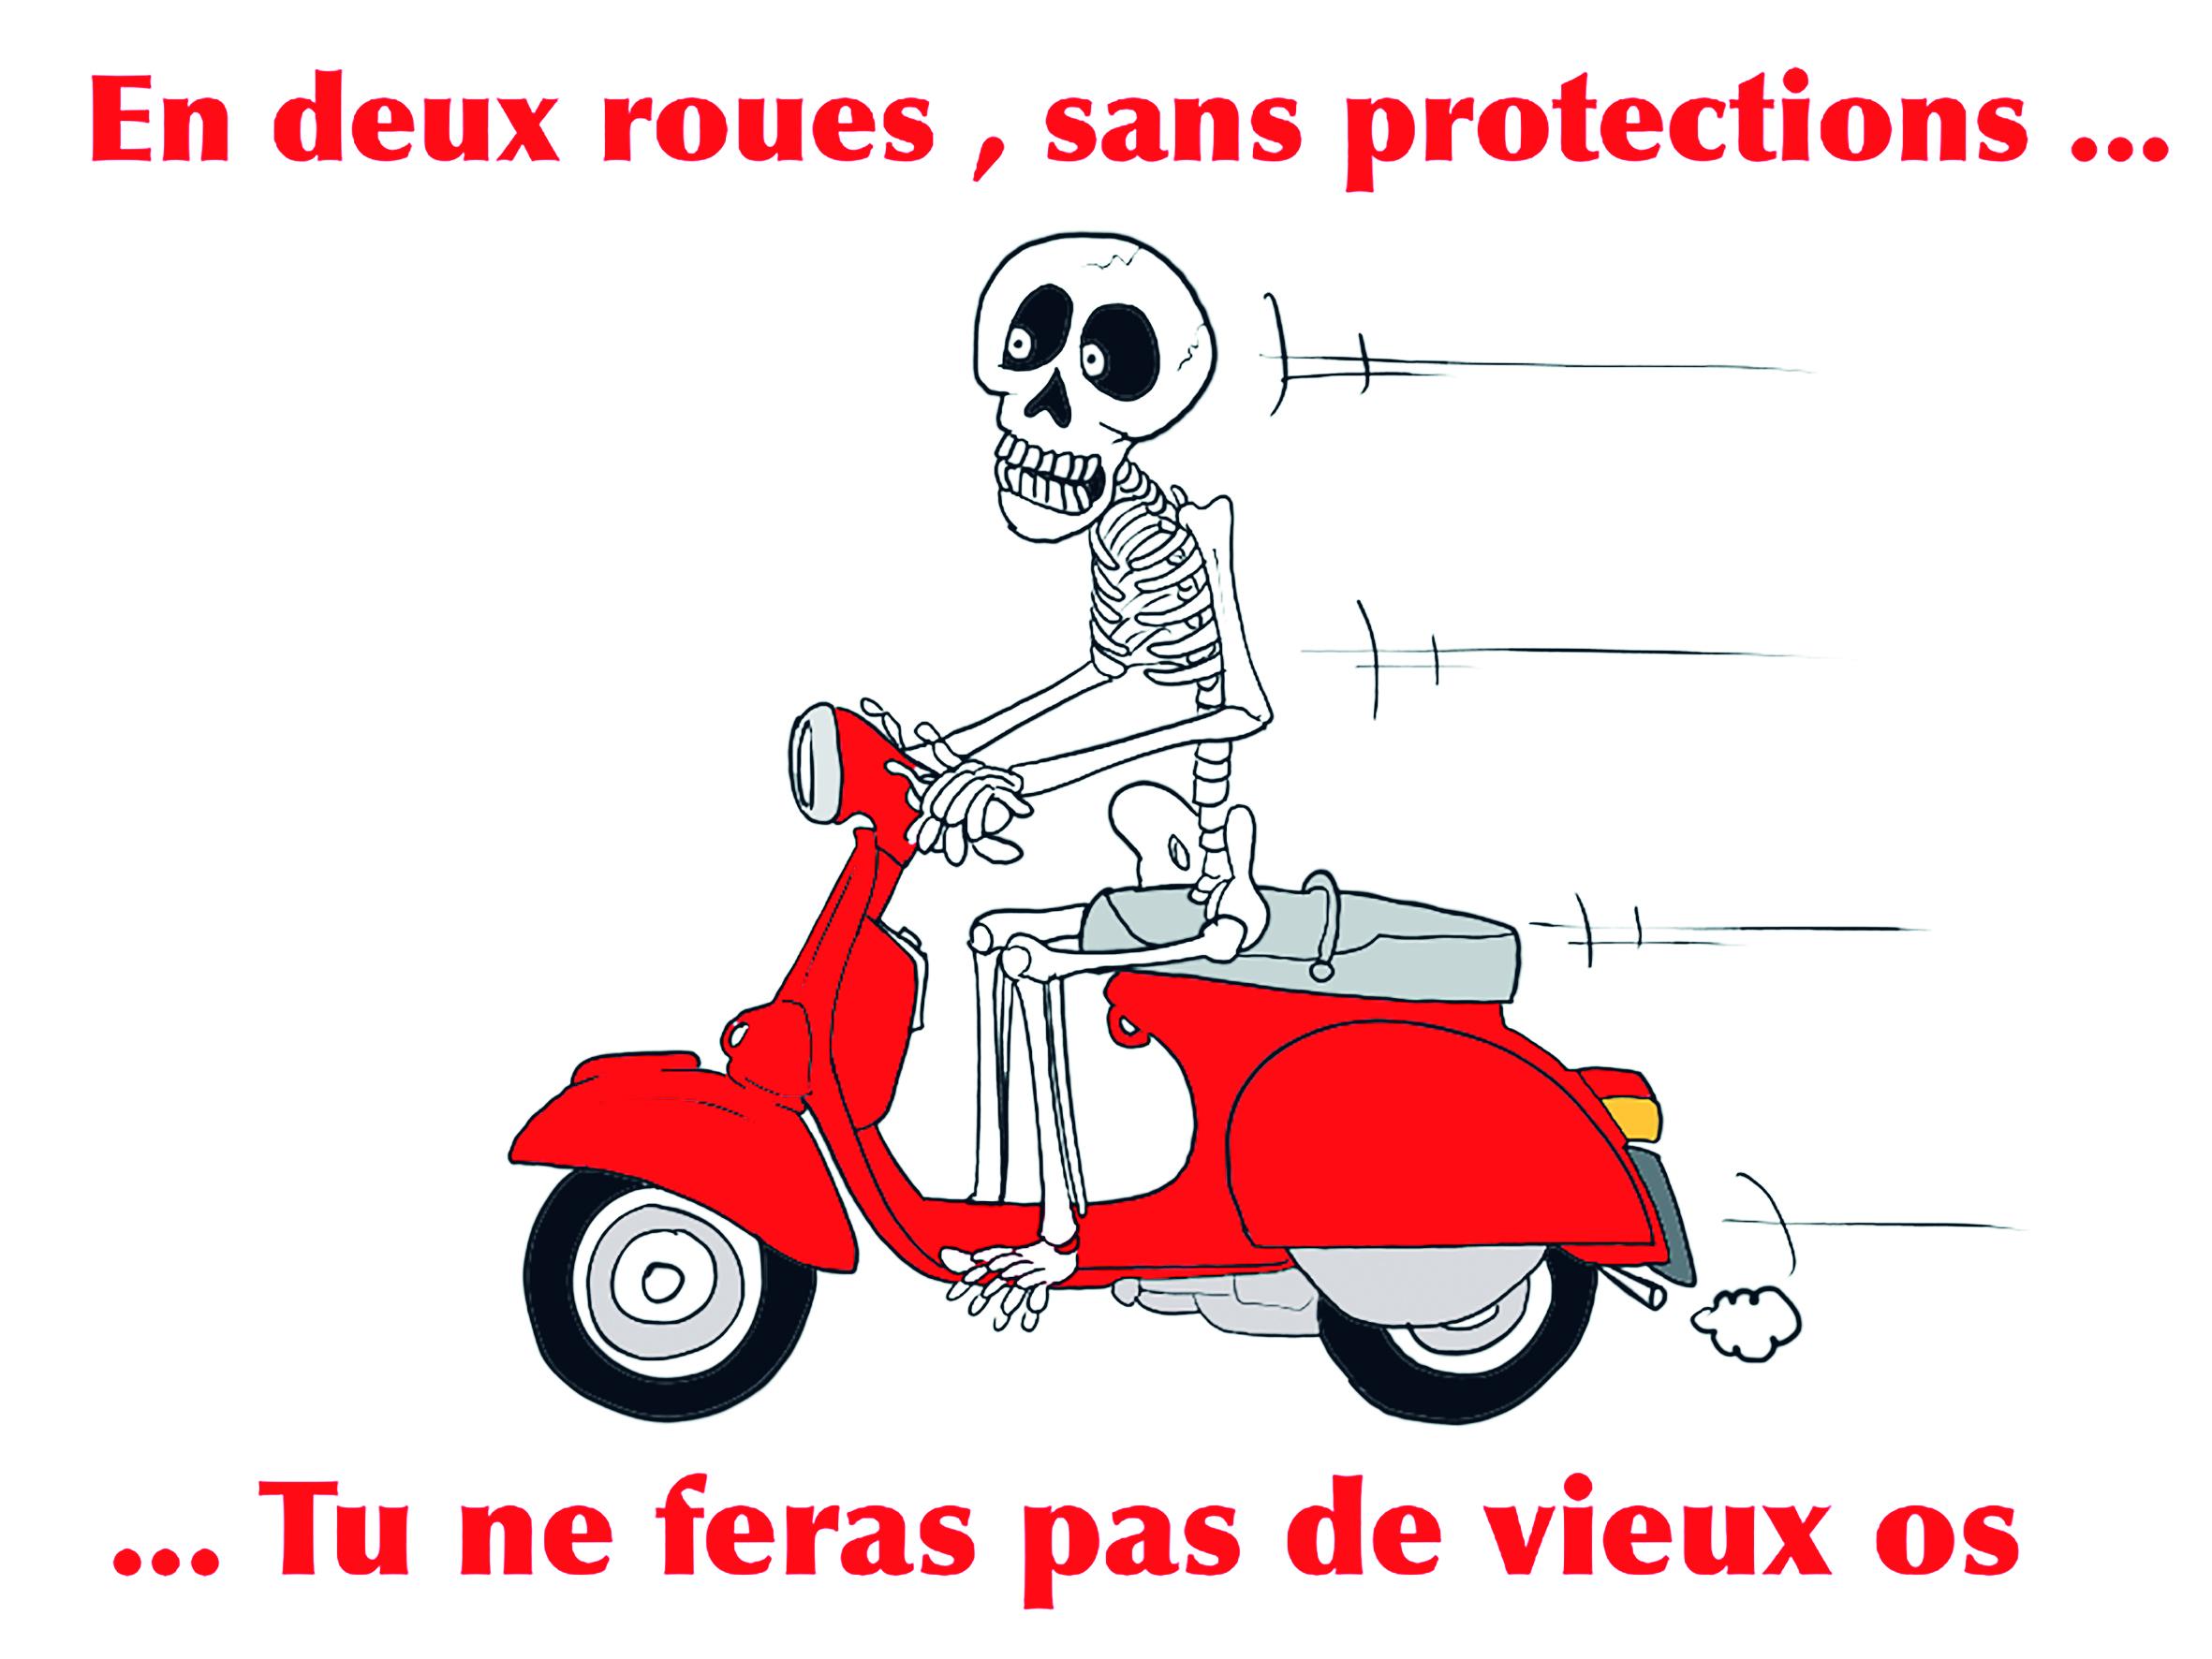 """"""" Prévention : Deux roues, protégez-vous"""" par Munoz"""